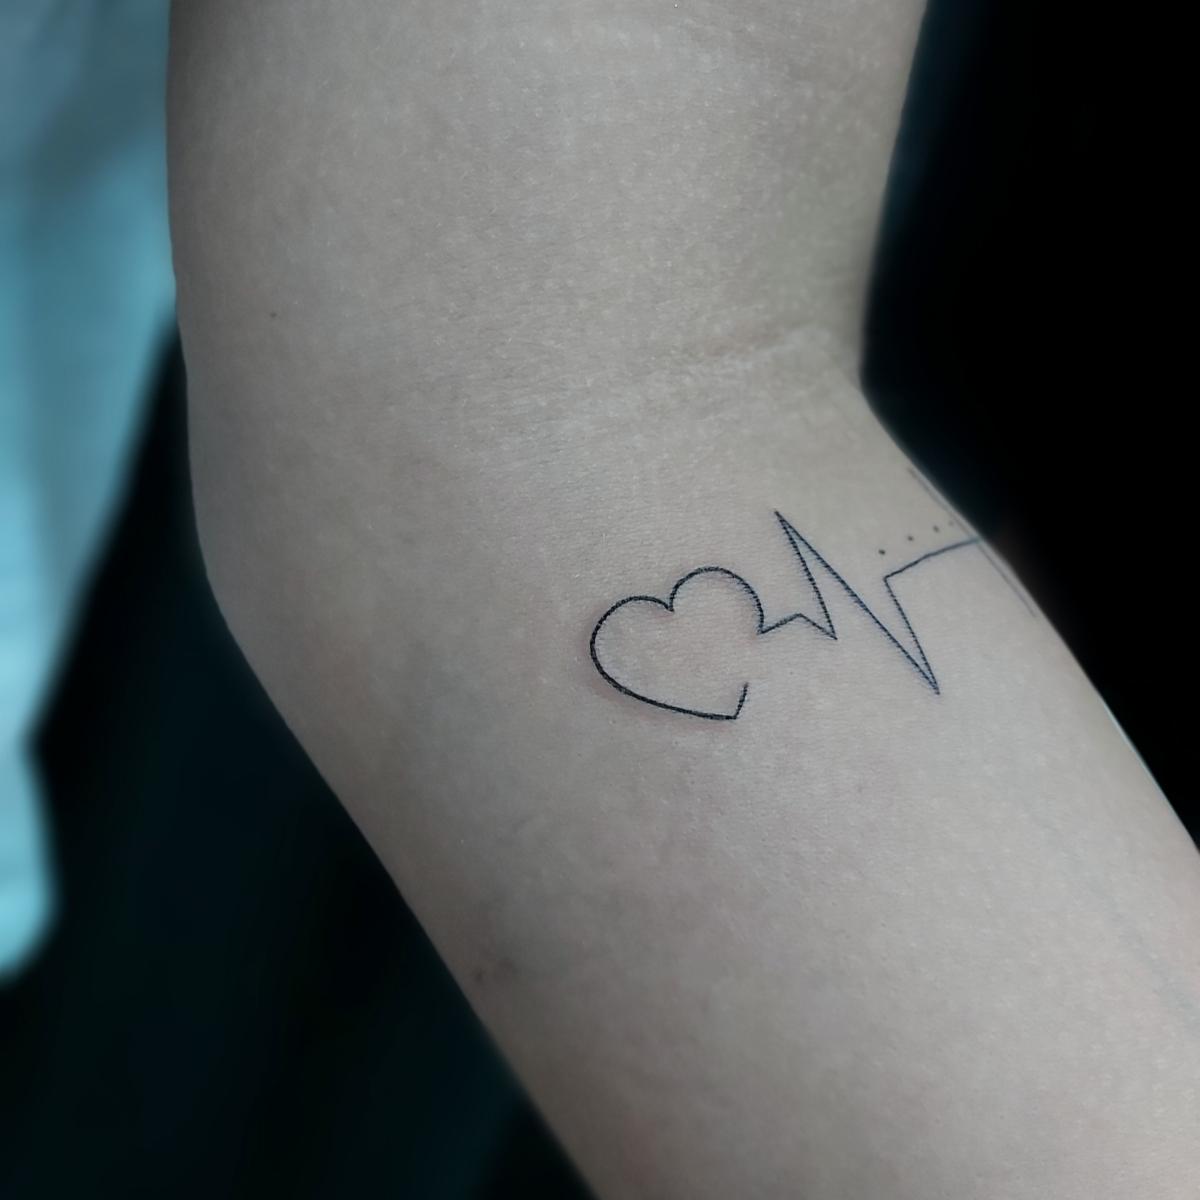 Muenchen-Tattoo-Referenzen-Galerie-26